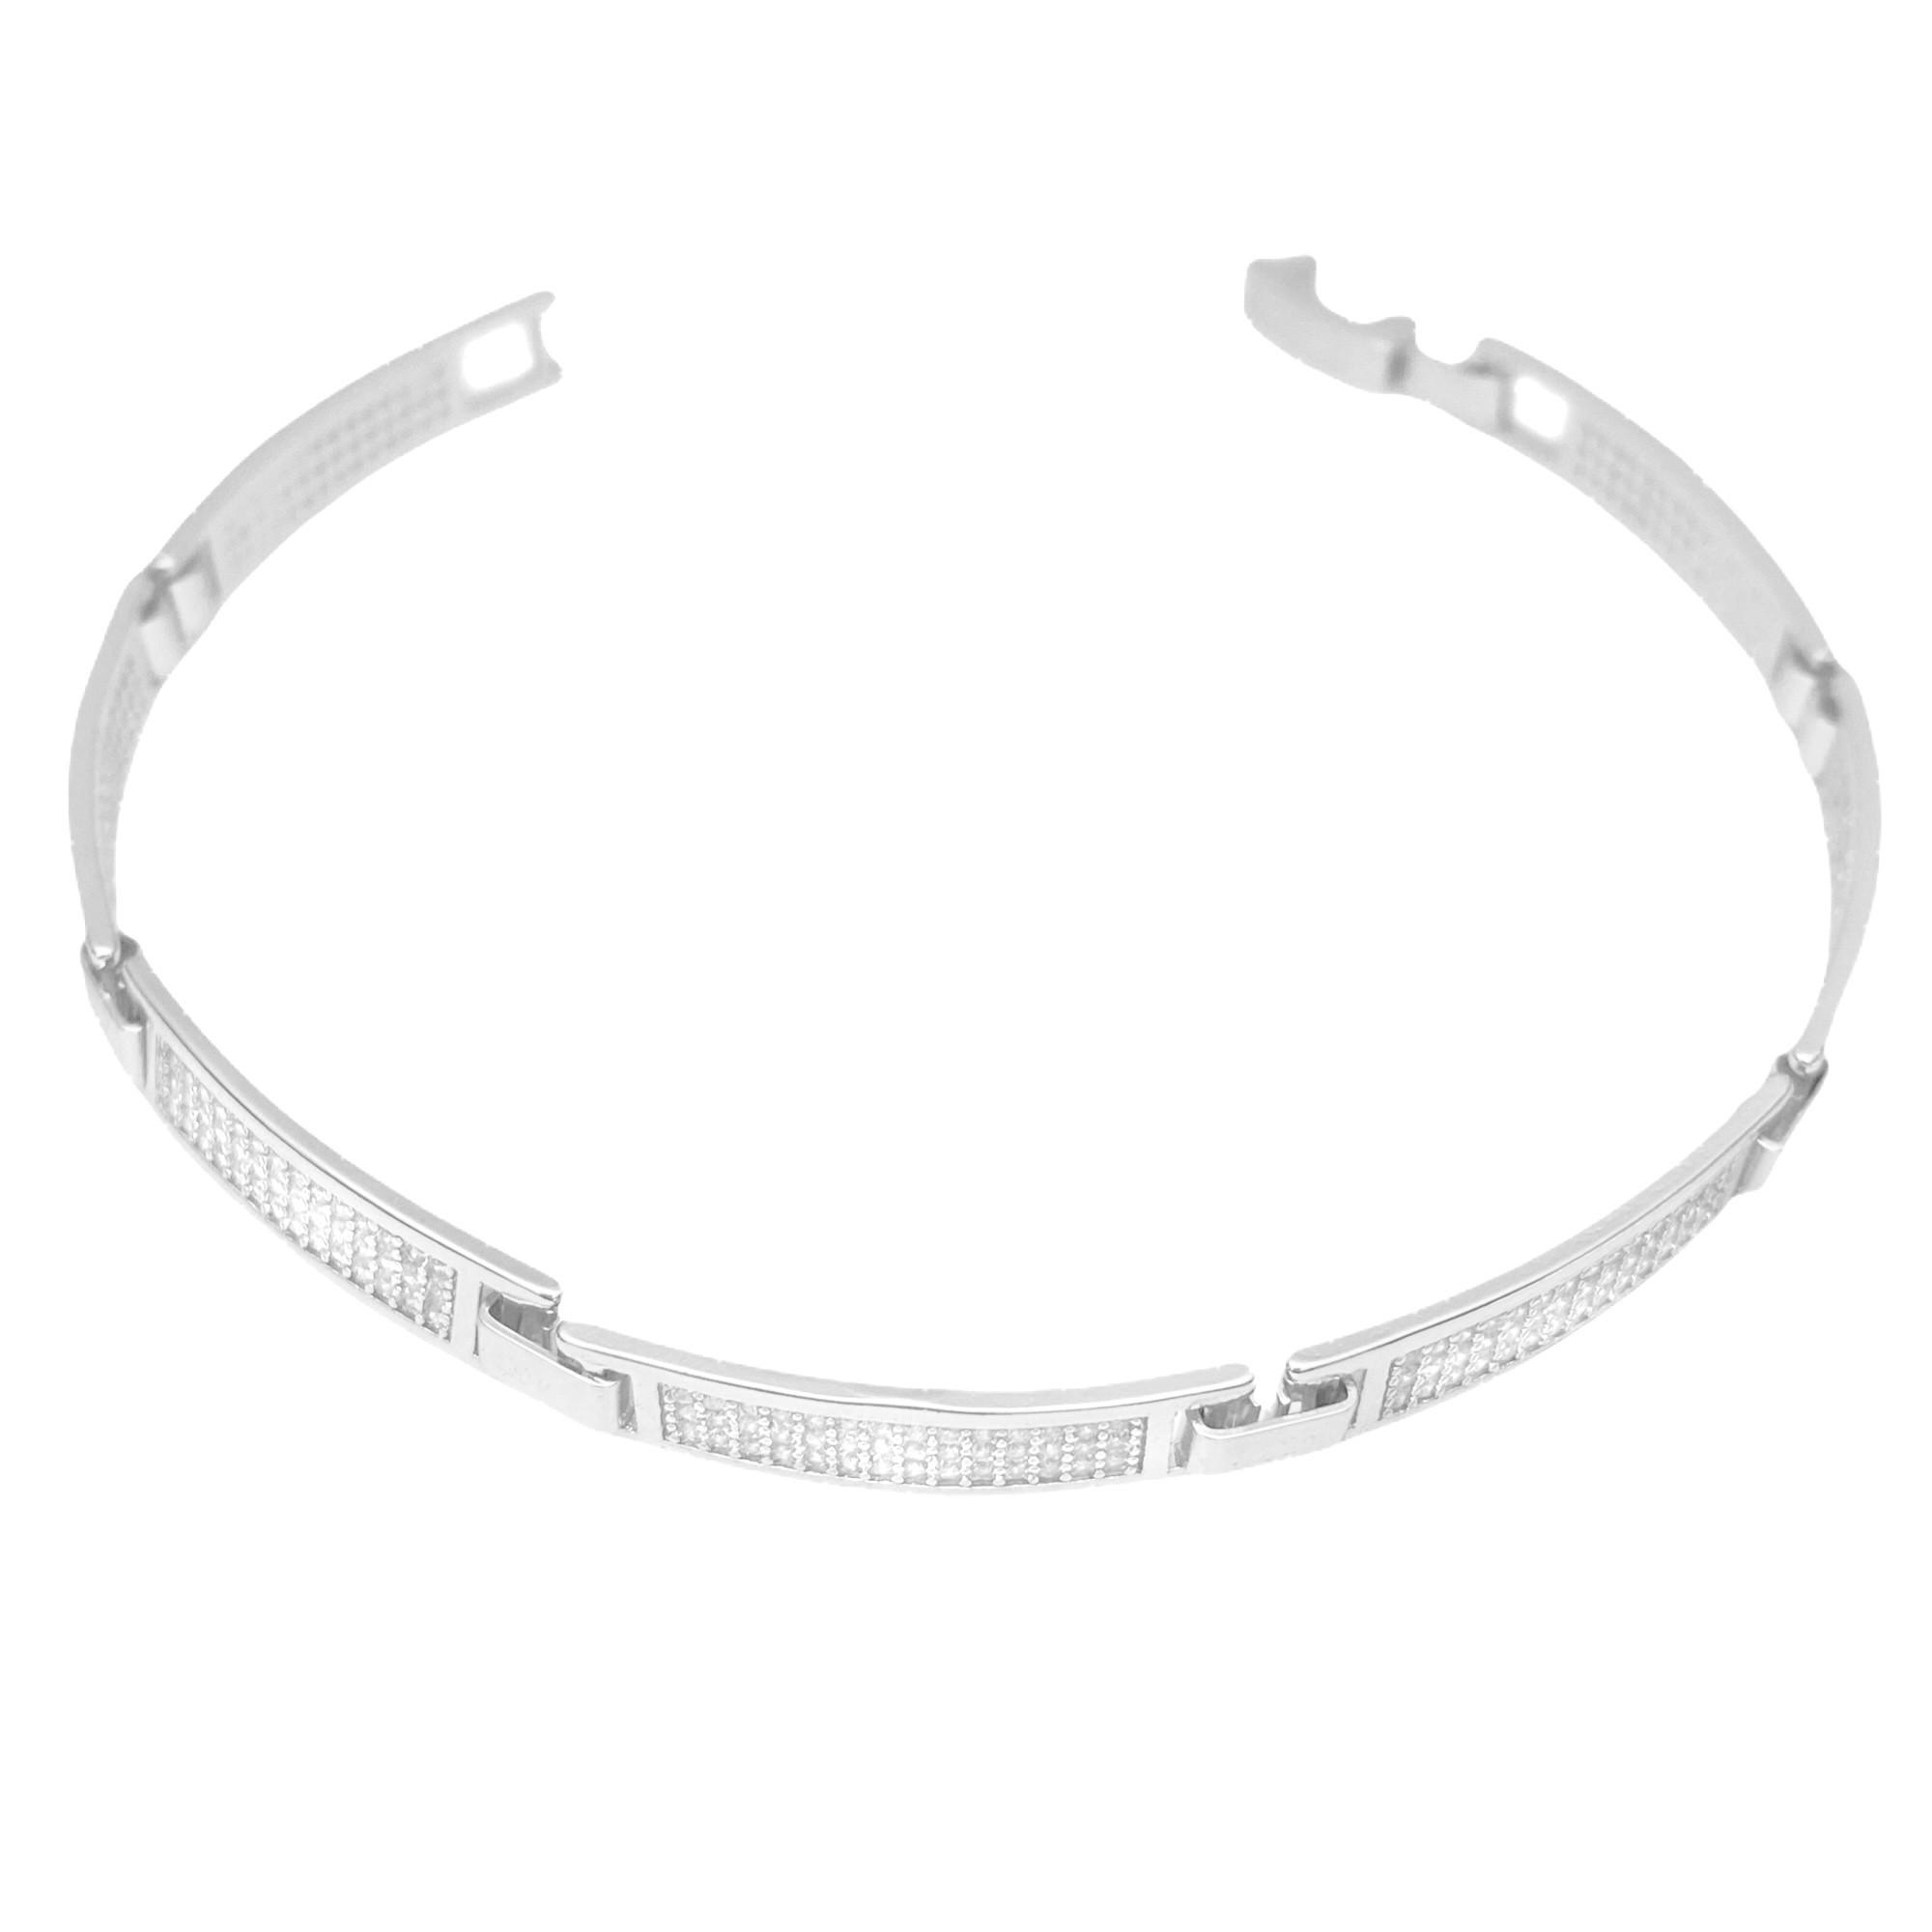 Bracelete Cravejado em Zircônia 5mm (8,3g) (Banho Prata 925)